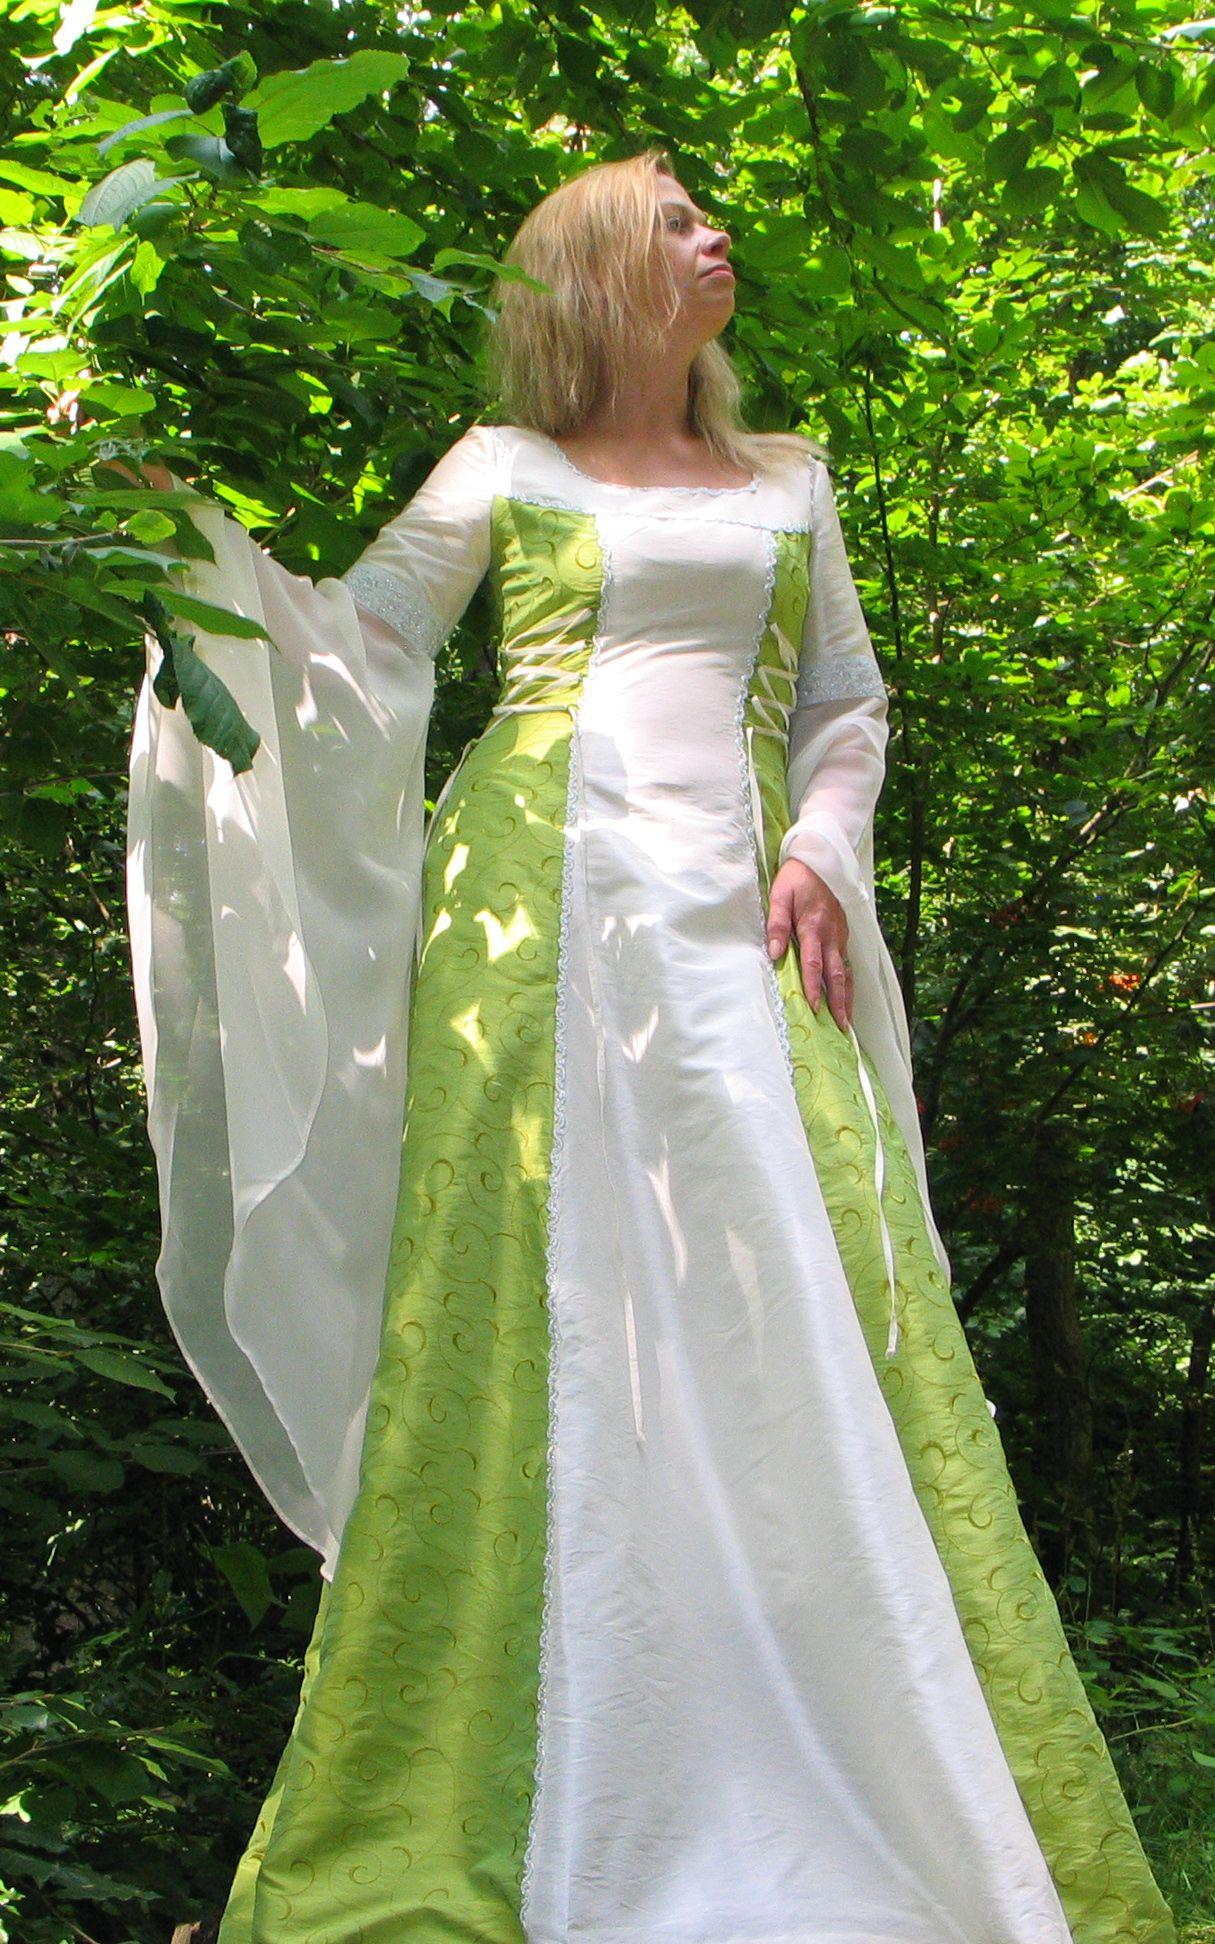 Mittelalter Brautkleid in grün | Brautkleid, Braut, Brautmode